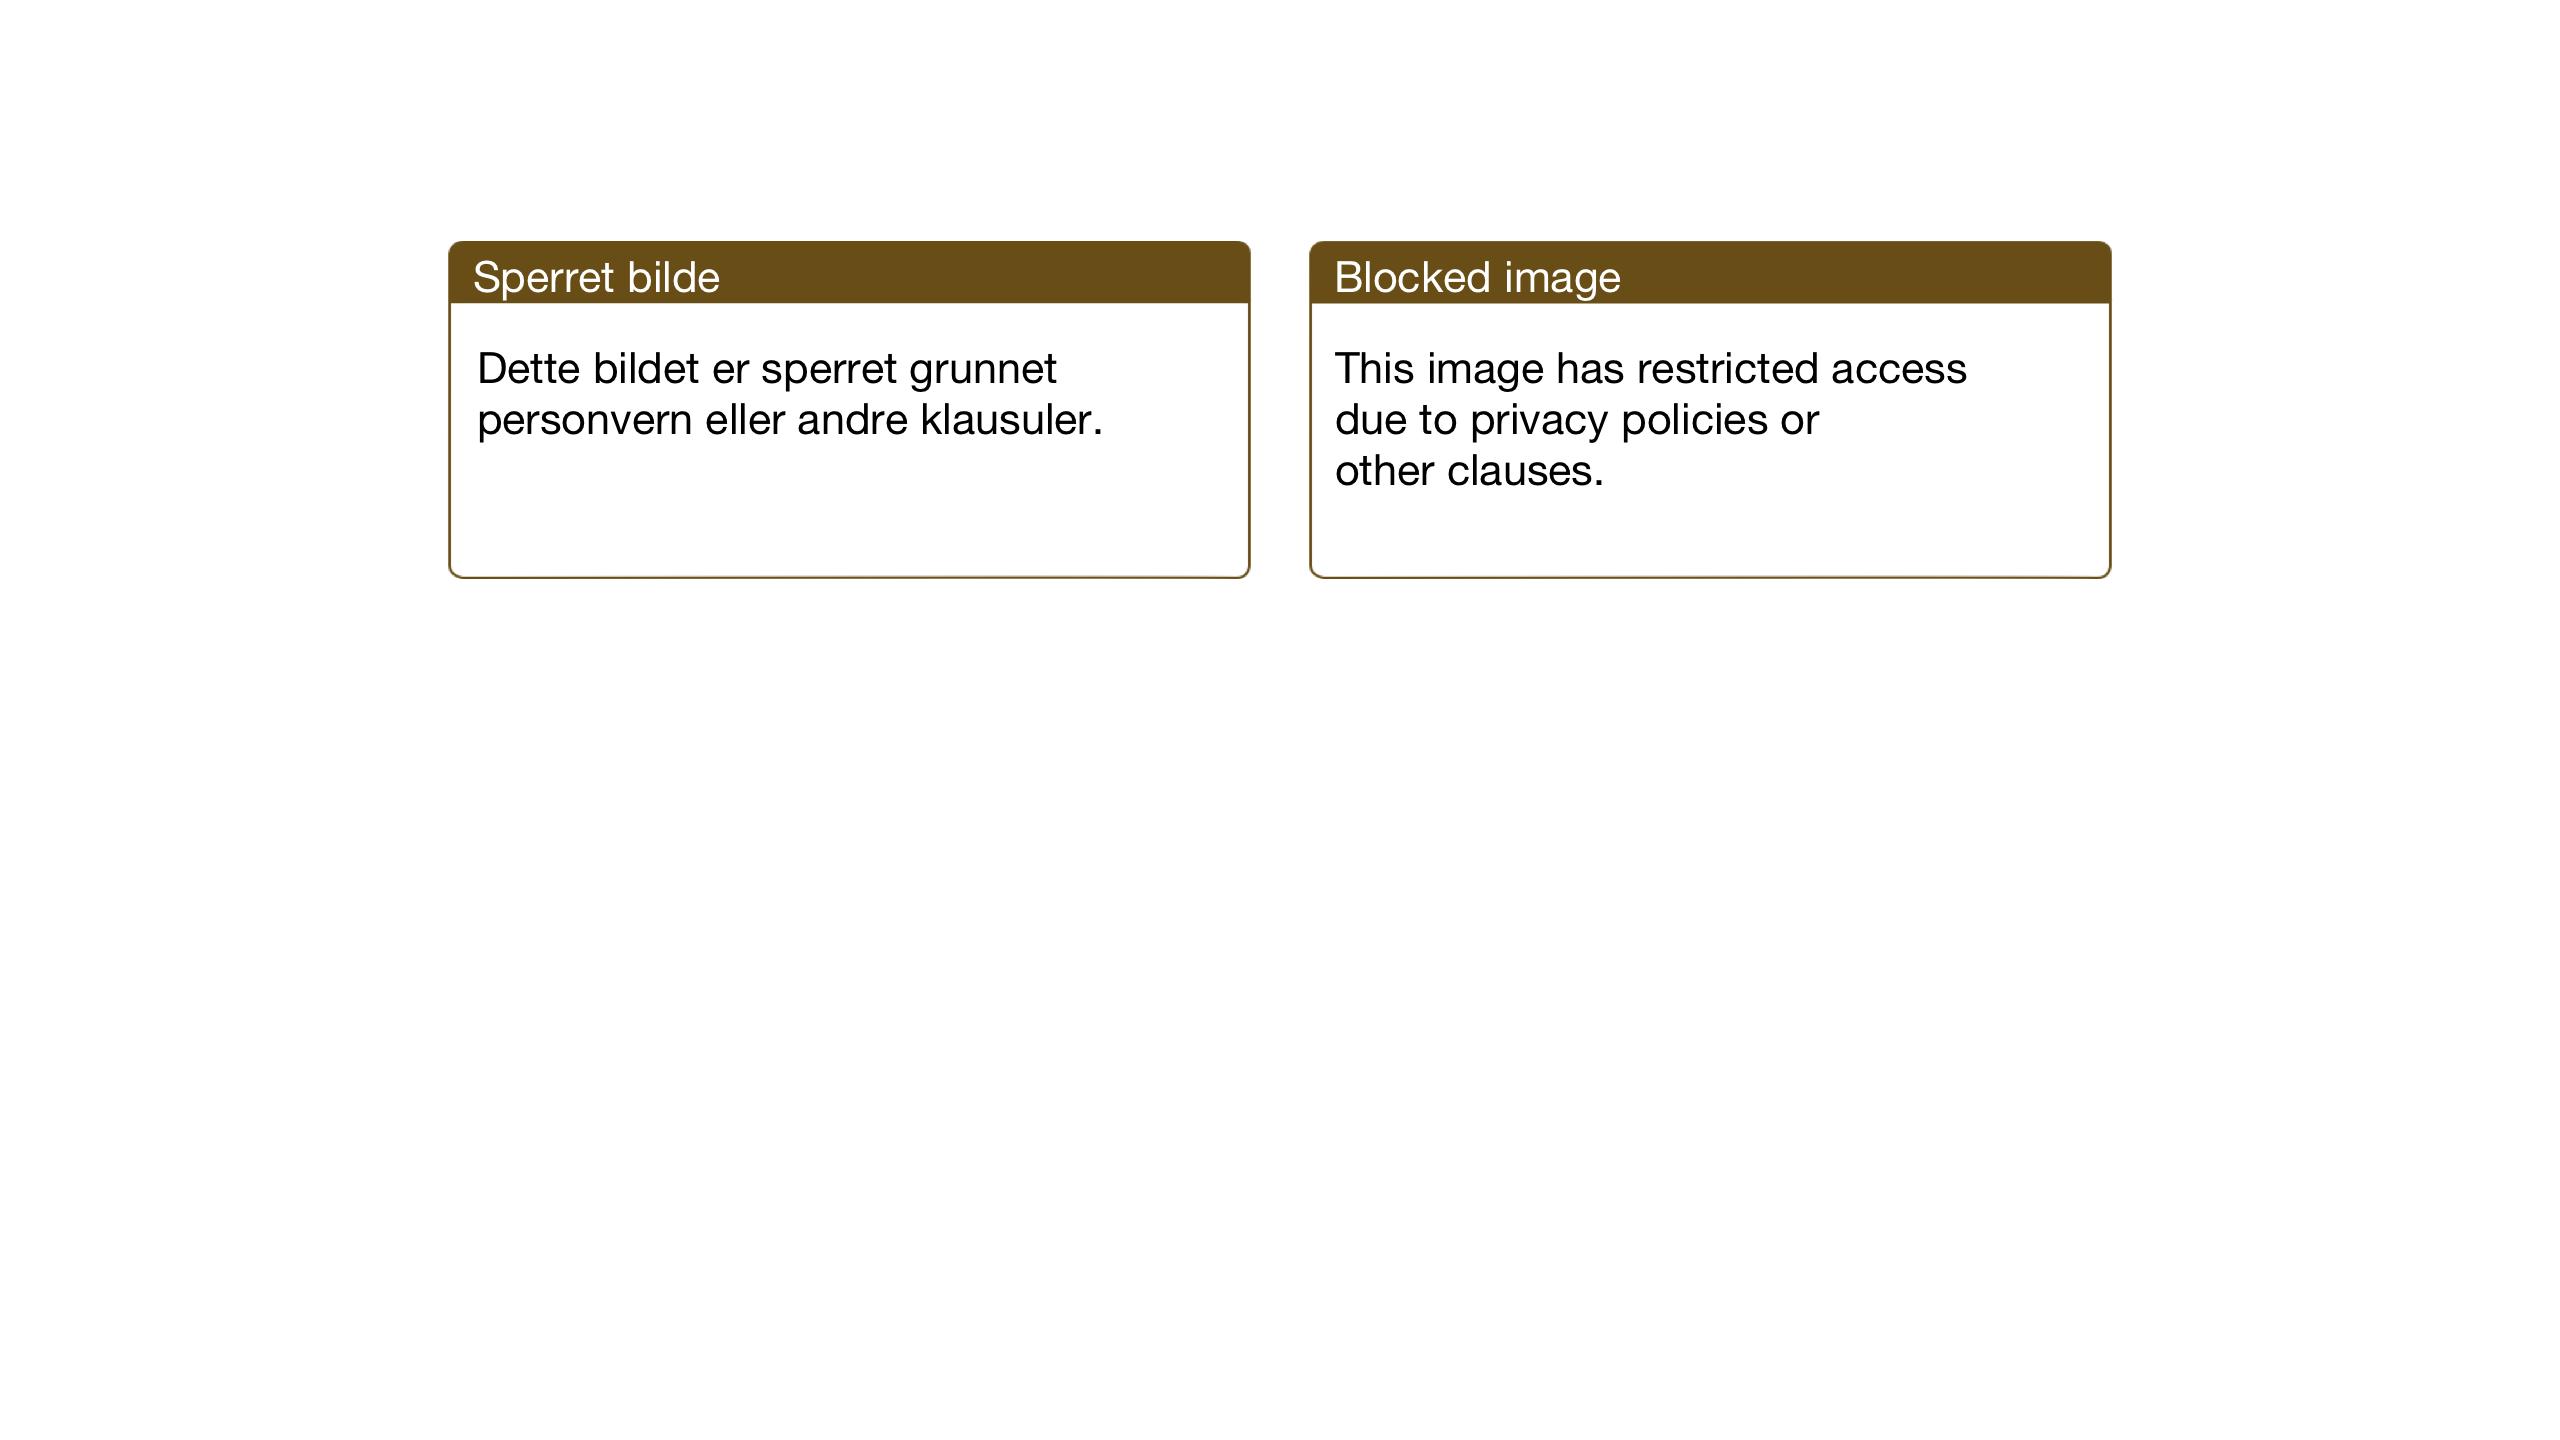 SAT, Ministerialprotokoller, klokkerbøker og fødselsregistre - Sør-Trøndelag, 638/L0569: Klokkerbok nr. 638C01, 1923-1961, s. 129